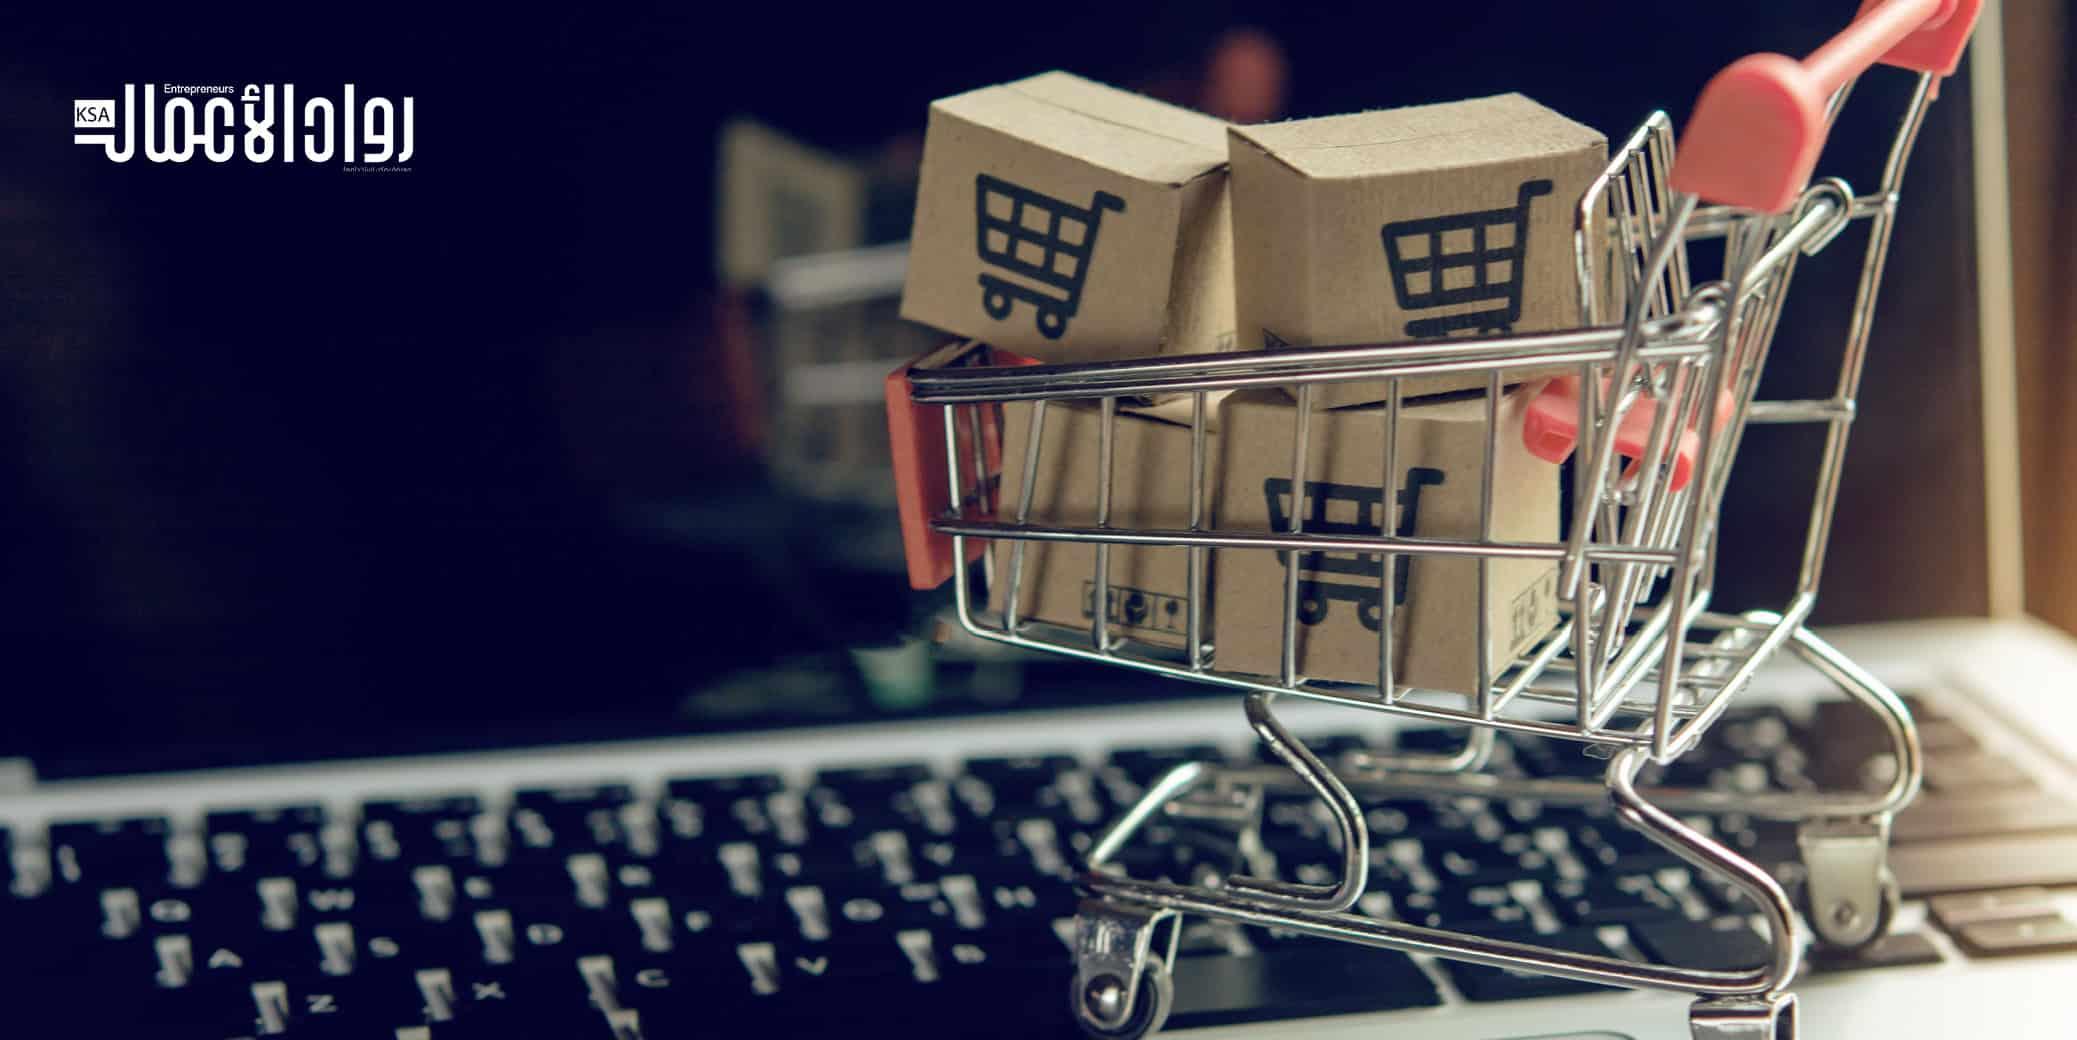 مشروع البيع بالتجزئة عبر الإنترنت